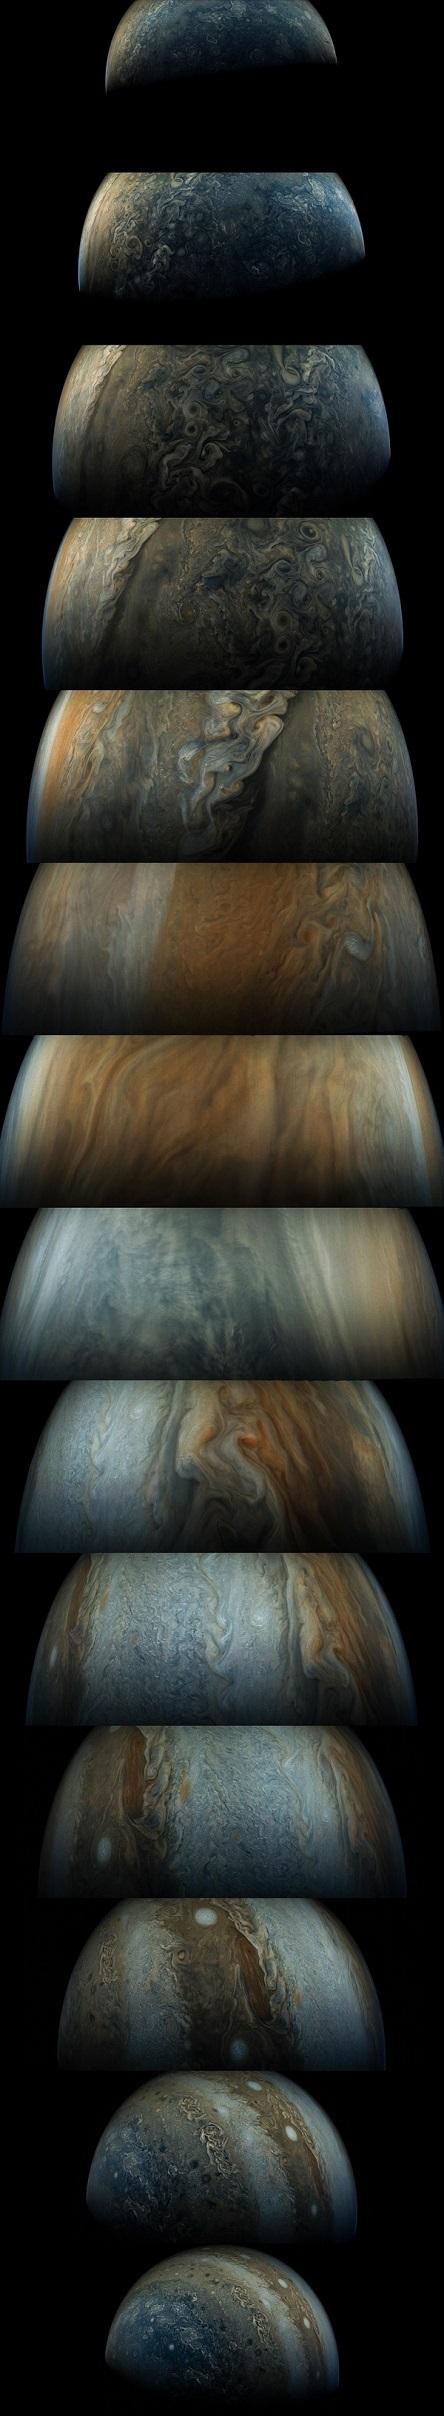 Créditos da imaxe: NASA, Juno, SwRI, MSSS, Gerald Eichstadt, Sean Doran